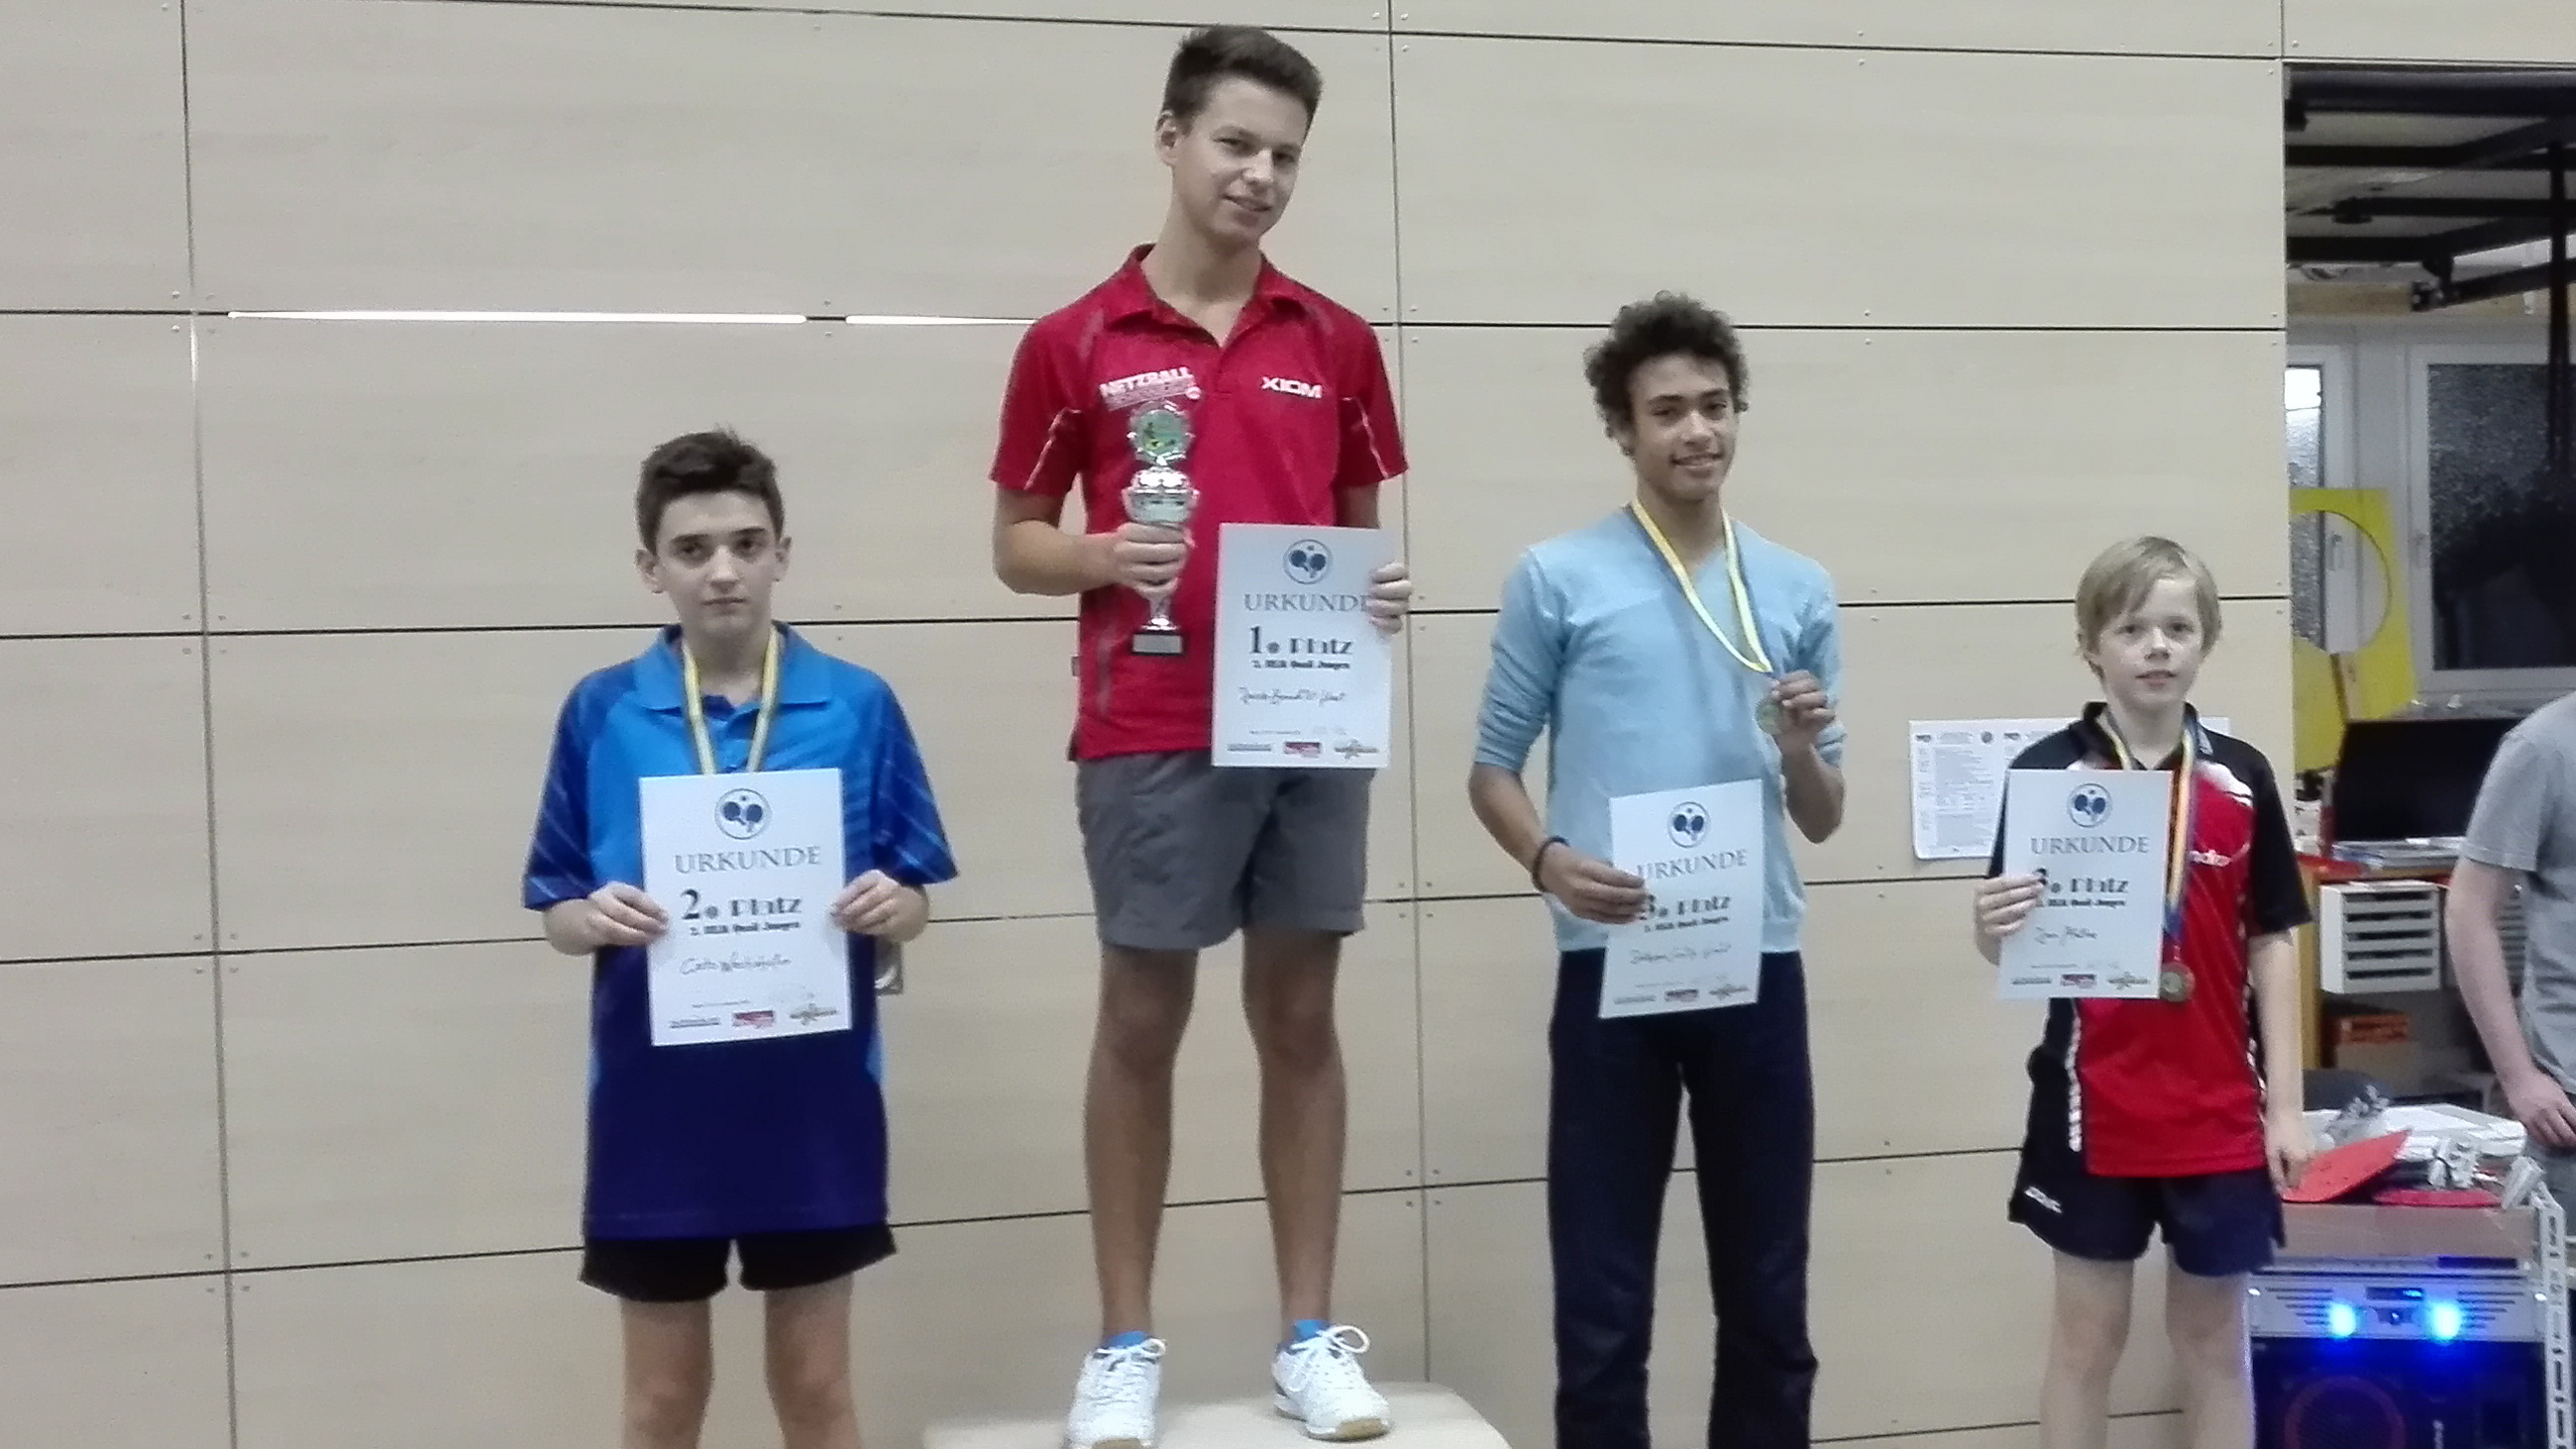 Siegerehrung 1. Klasse/2. BEM-Qualifikation Jungen: 2. Platz Cato Wachshofer (KSVA), 1. Platz Jacob-Benedikt Haut (TuSLi), 3. Platz Zethphan Smith-Gneist (Borsig) und Jan Mathe (Steglitzer TTK, rechts)